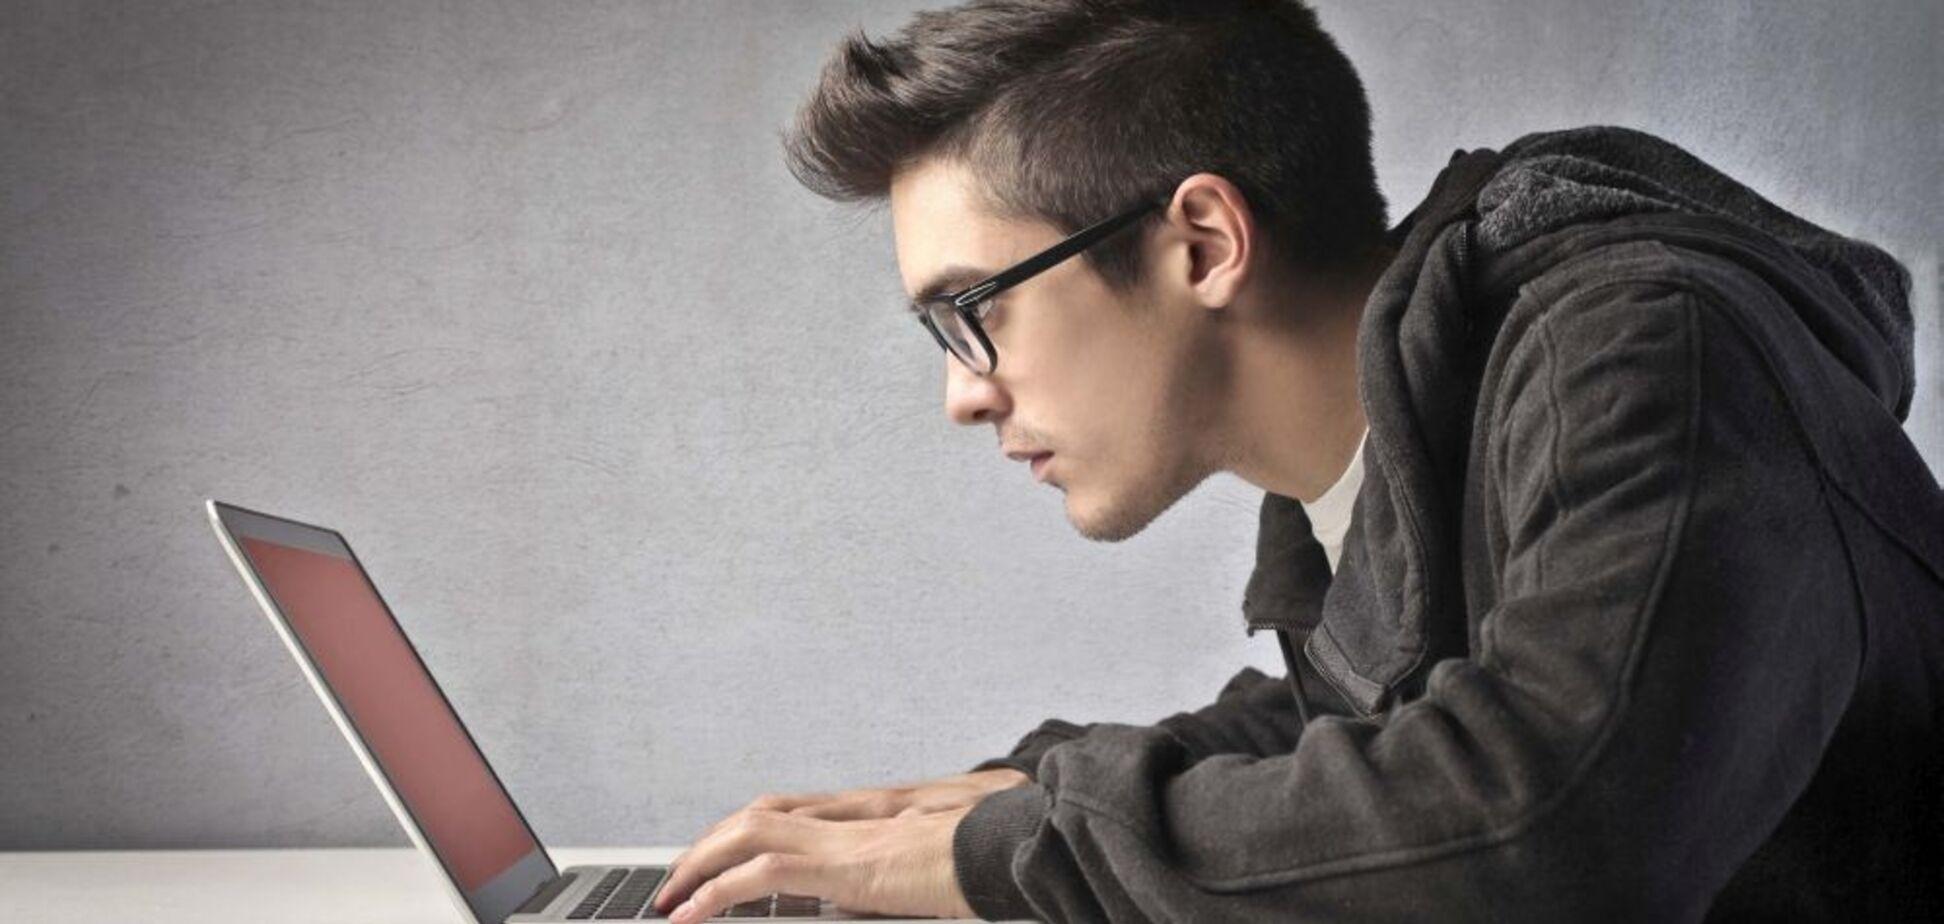 Очки для компьютера – пустая трата денег